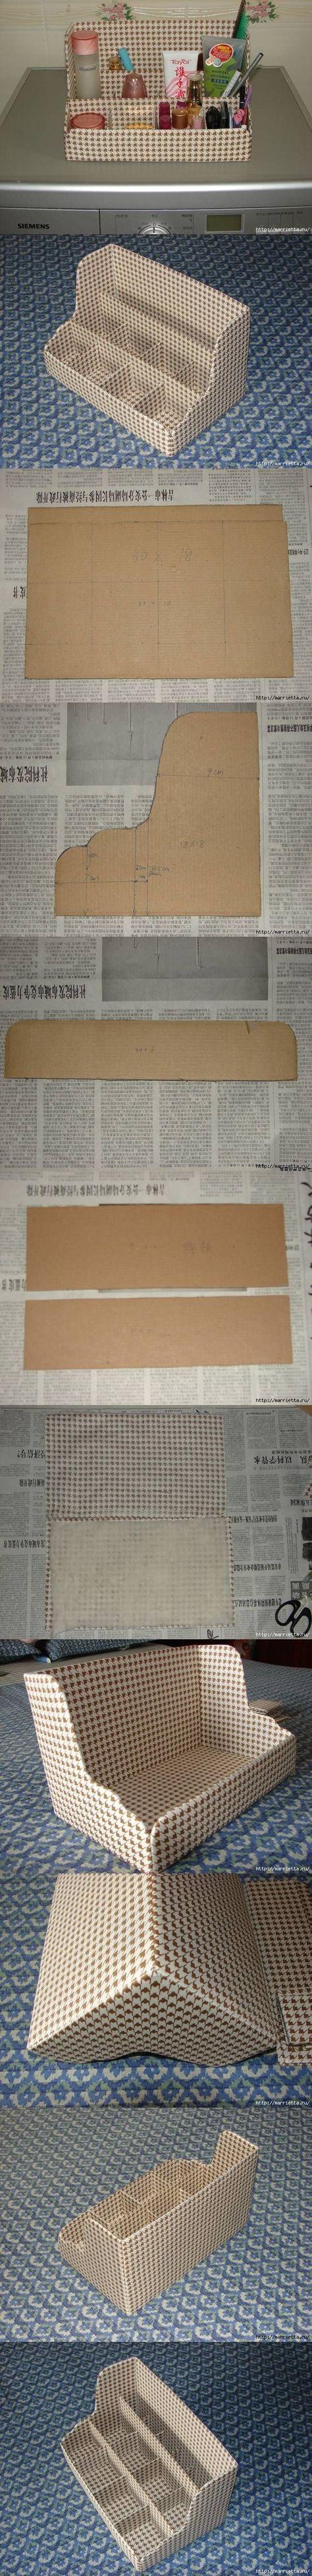 DIY. RECICLADO. TUTORIAL Y PATRON DE ORGANIZADOR DE CARTON